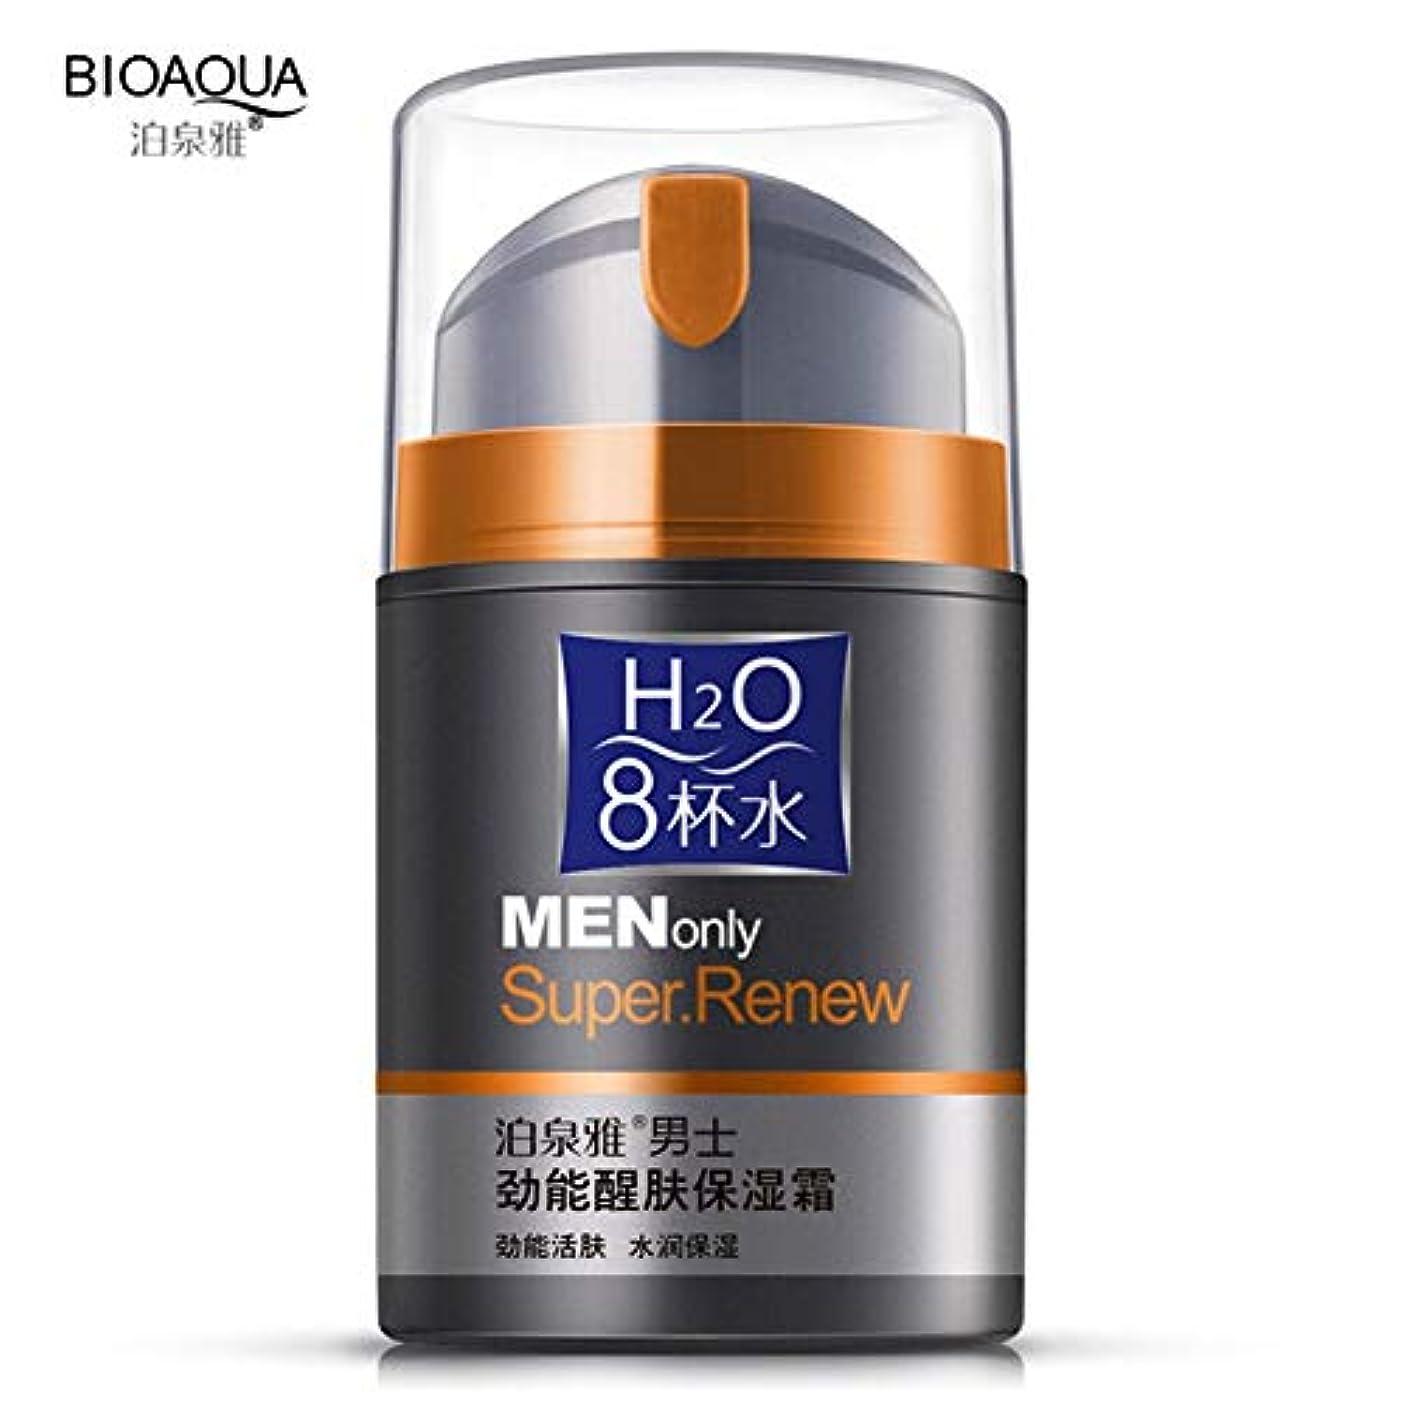 素子種をまくマチュピチュBIOAQUA男性保湿オイルコントロールフェイスクリームアンチリンクルデイクリーム寧ケアブラックヘッドの取り外し50グラム